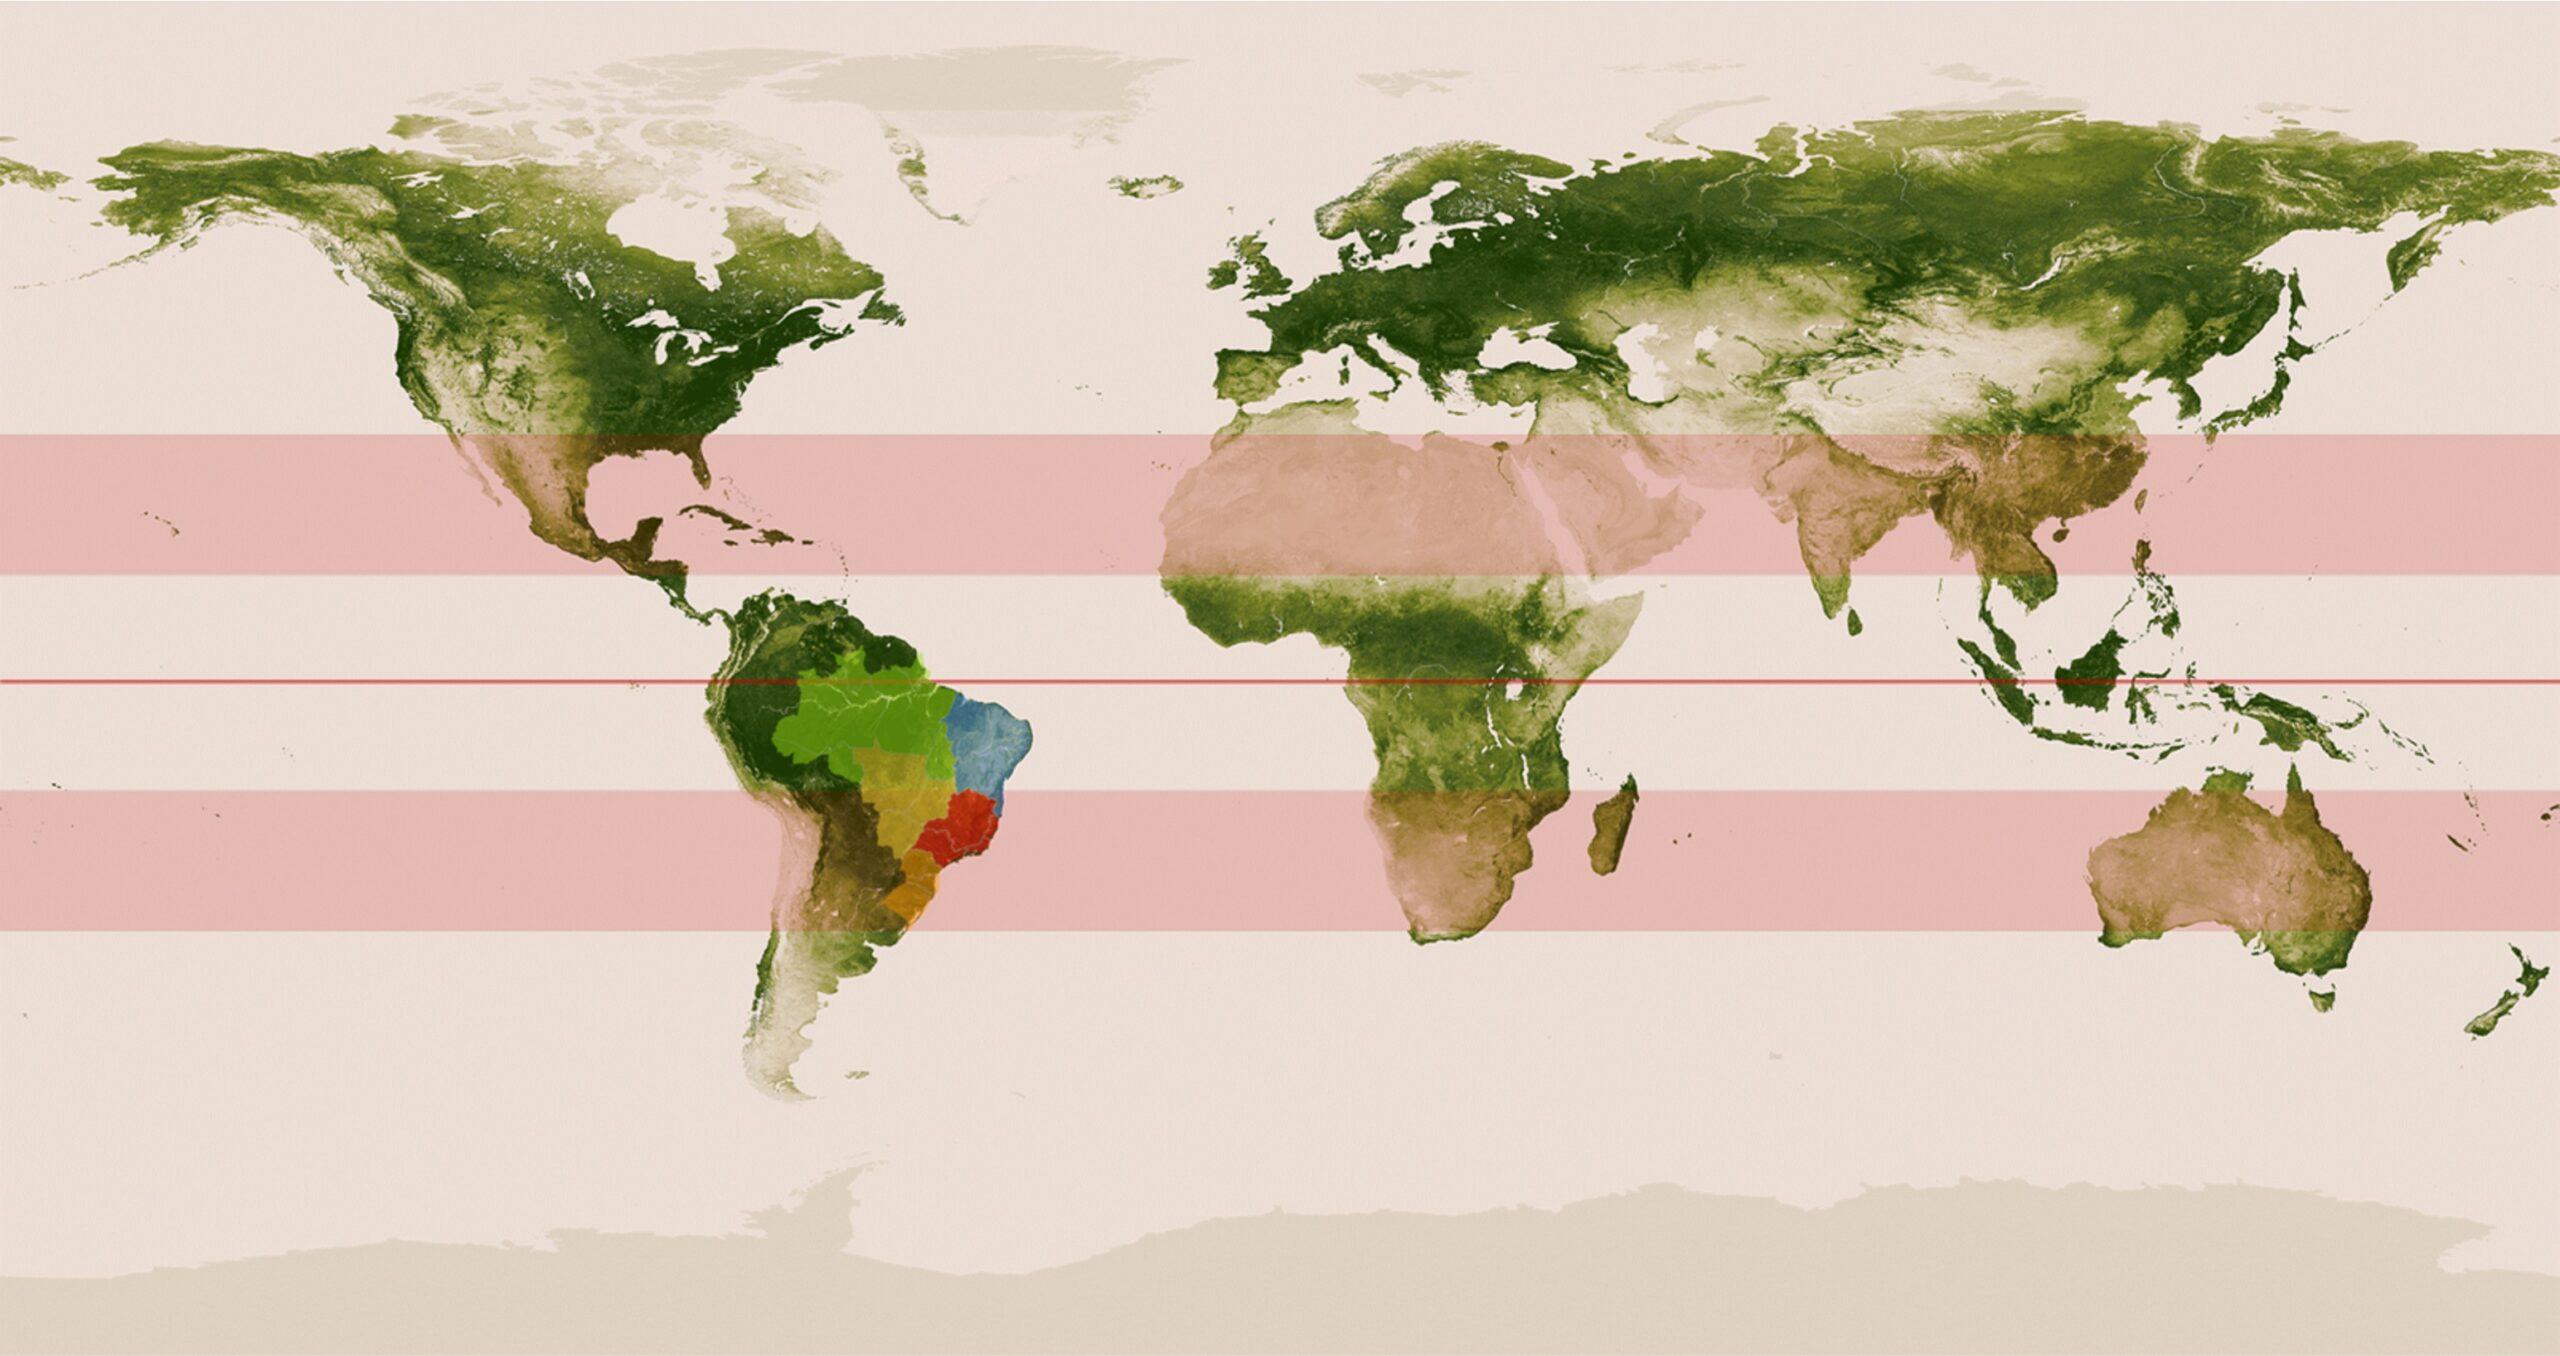 mapa vegetação agronegócio